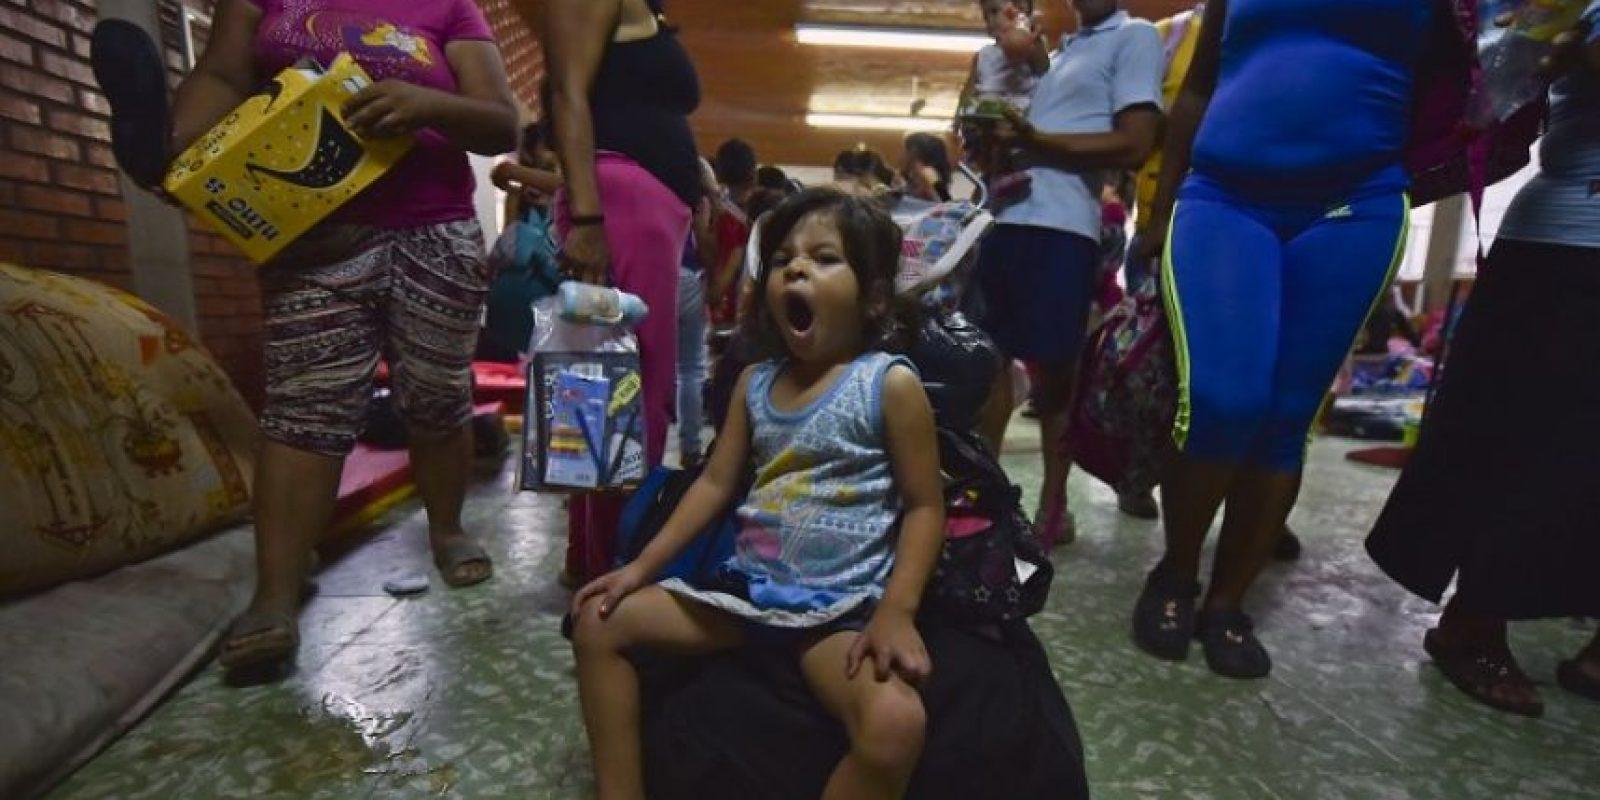 Desde el 22 de agosto, 1.088 colombianos han sido deportados/repatriados en Norte de Santander tras el cierre de la frontera y declaratoria del Estado de Excepción Constitucional en seis municipios del Estado del Táchira Foto:AFP